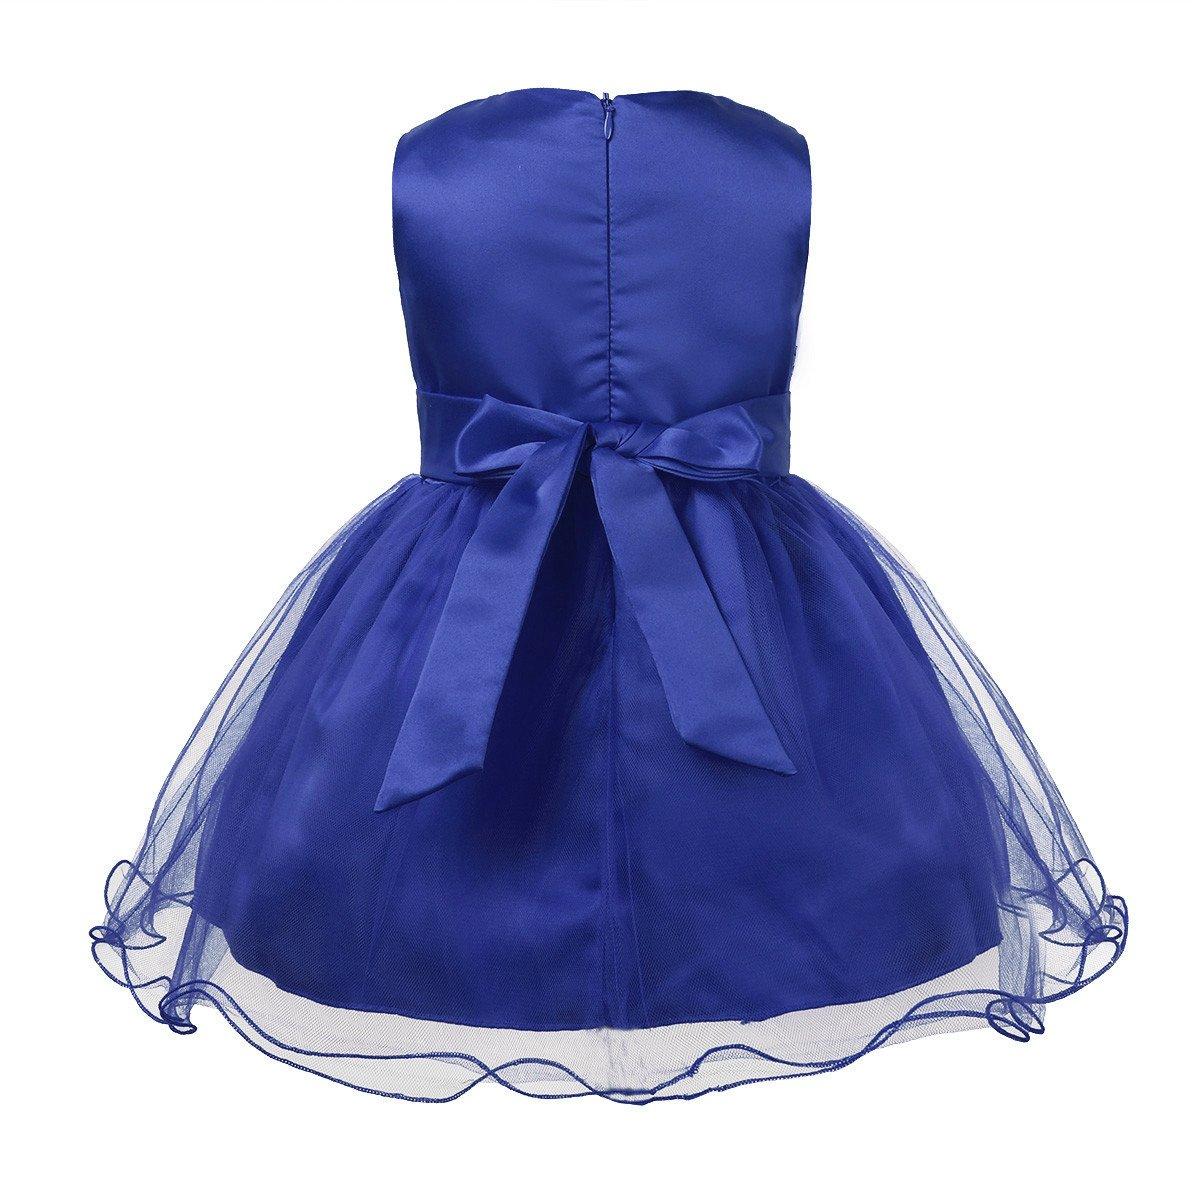 Freebily Vestido de Fiesta Boda Bautizo para Bebé Niña (3-24 Meses ...